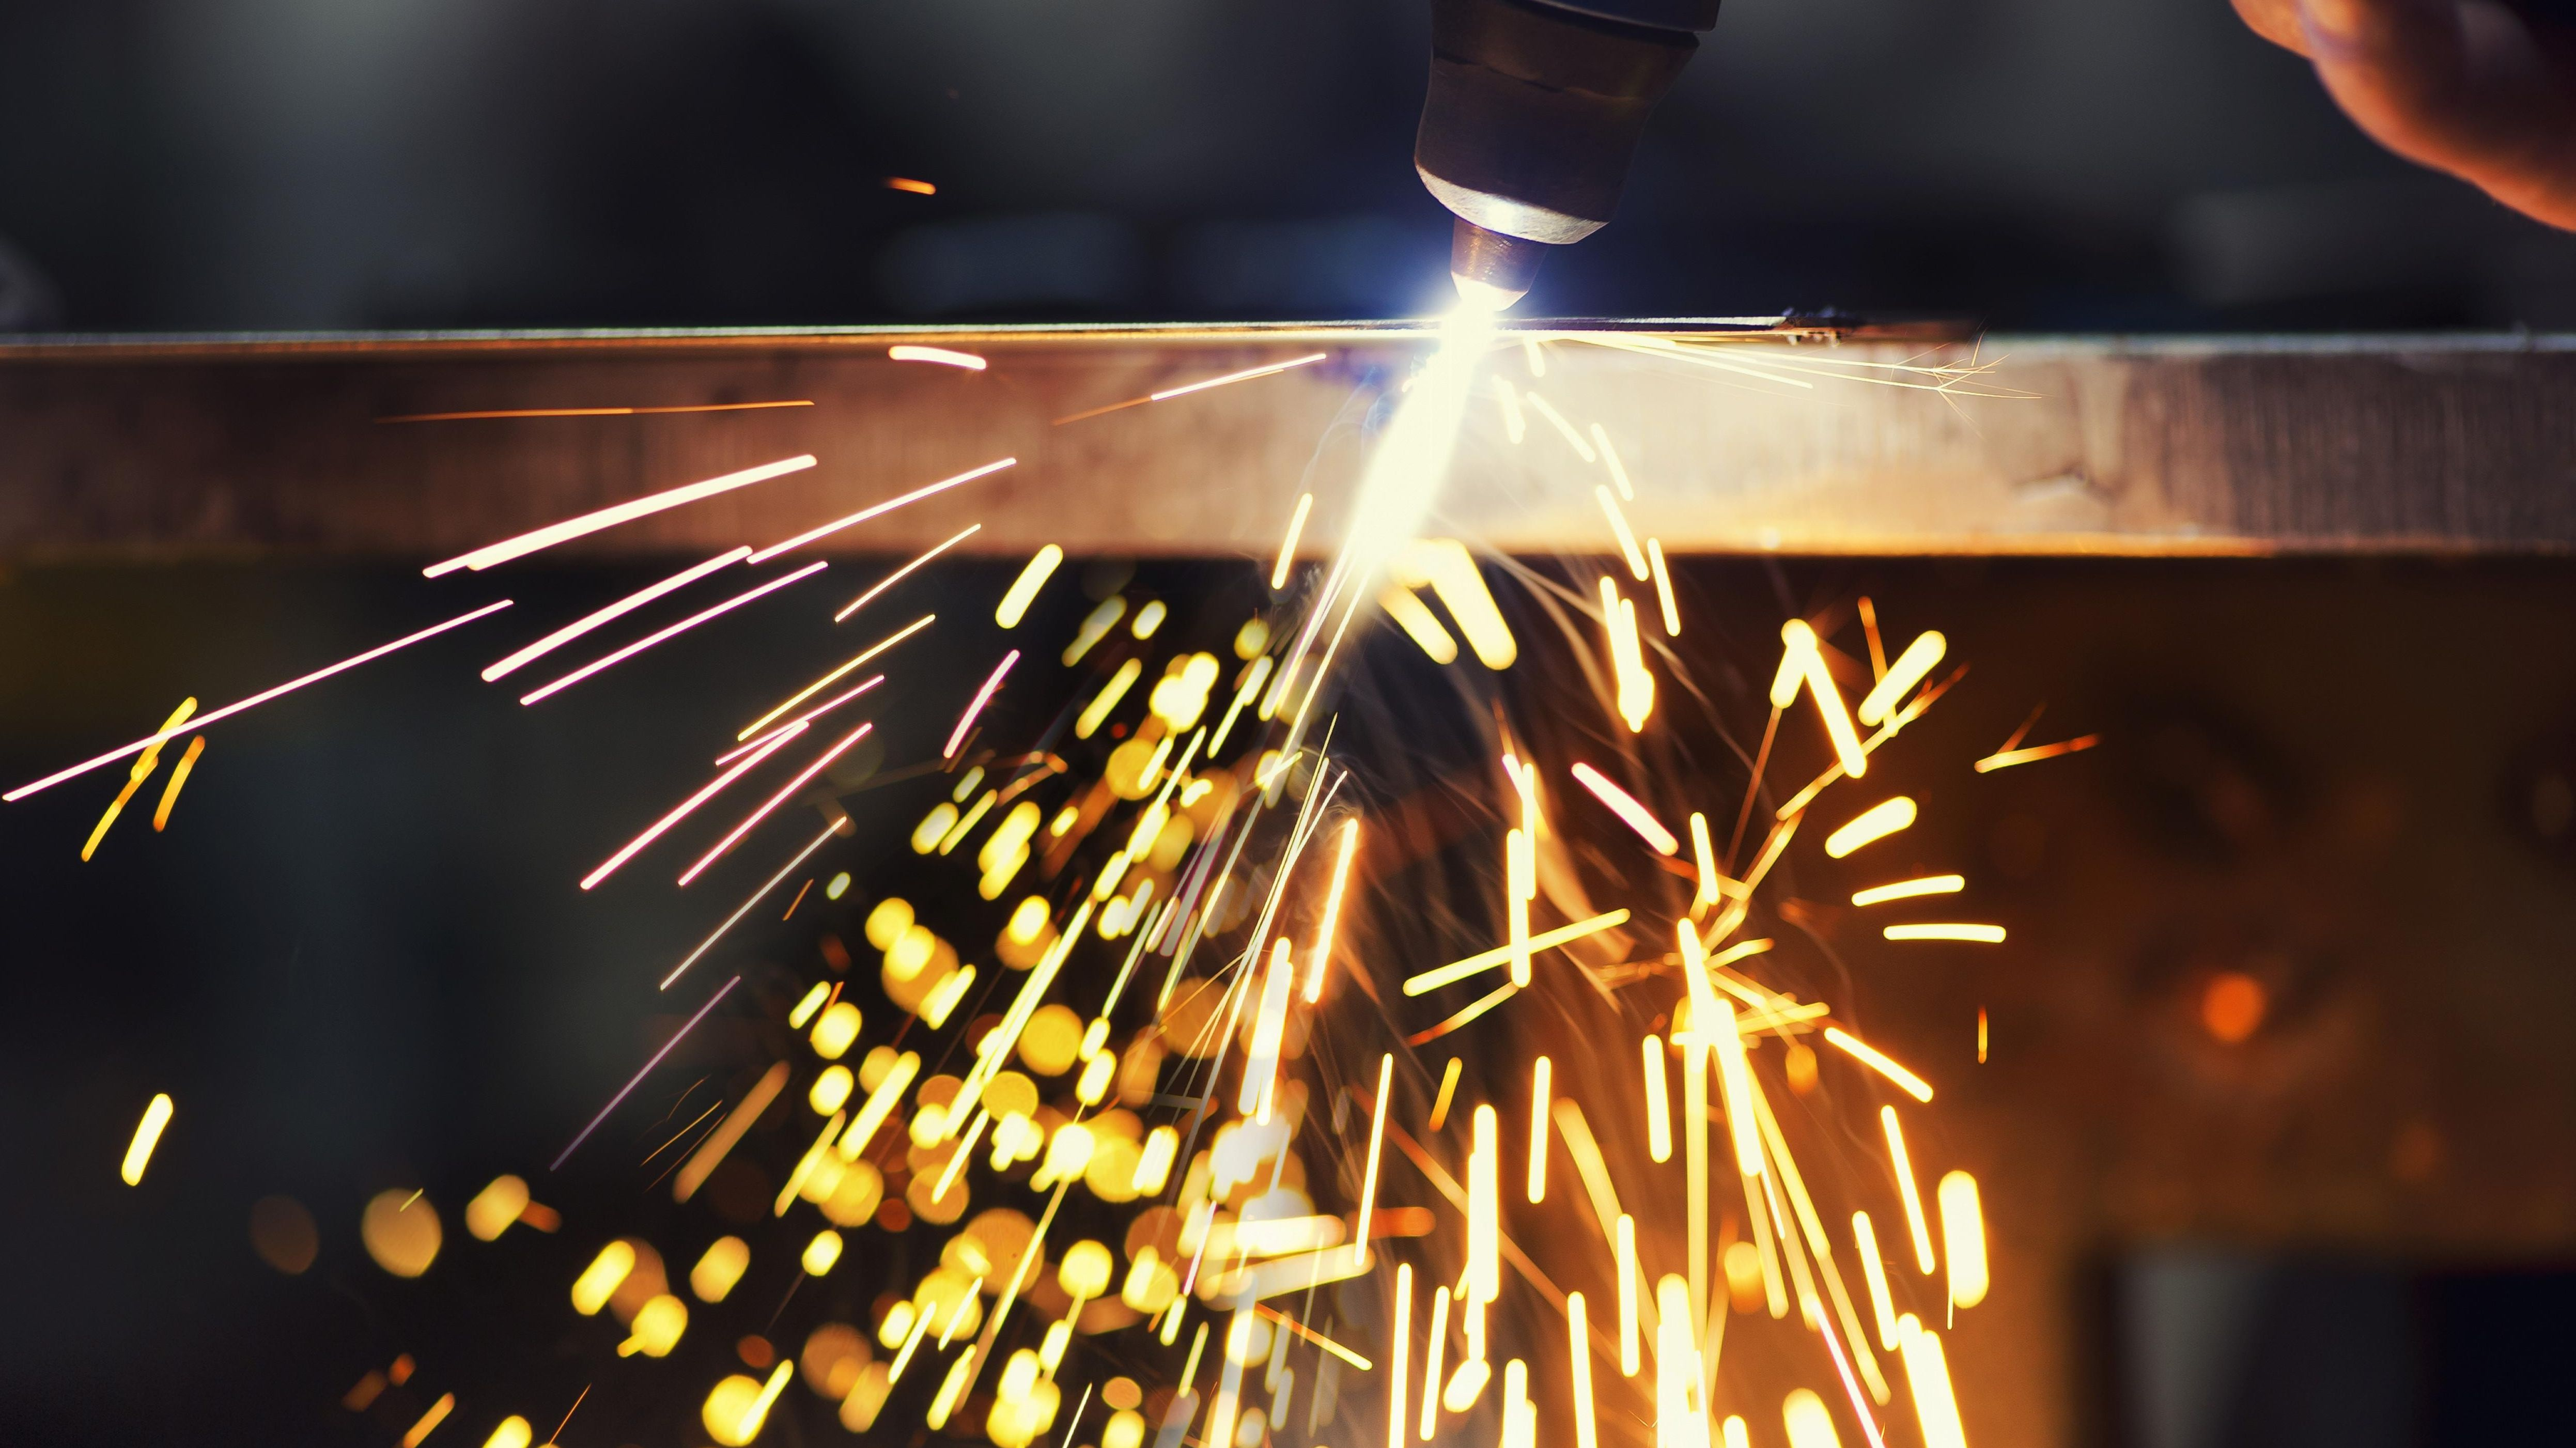 In einer Werkshalle wird mit einem Schneidbrenner Metall bearbeitet. Symbolbild: Industrie